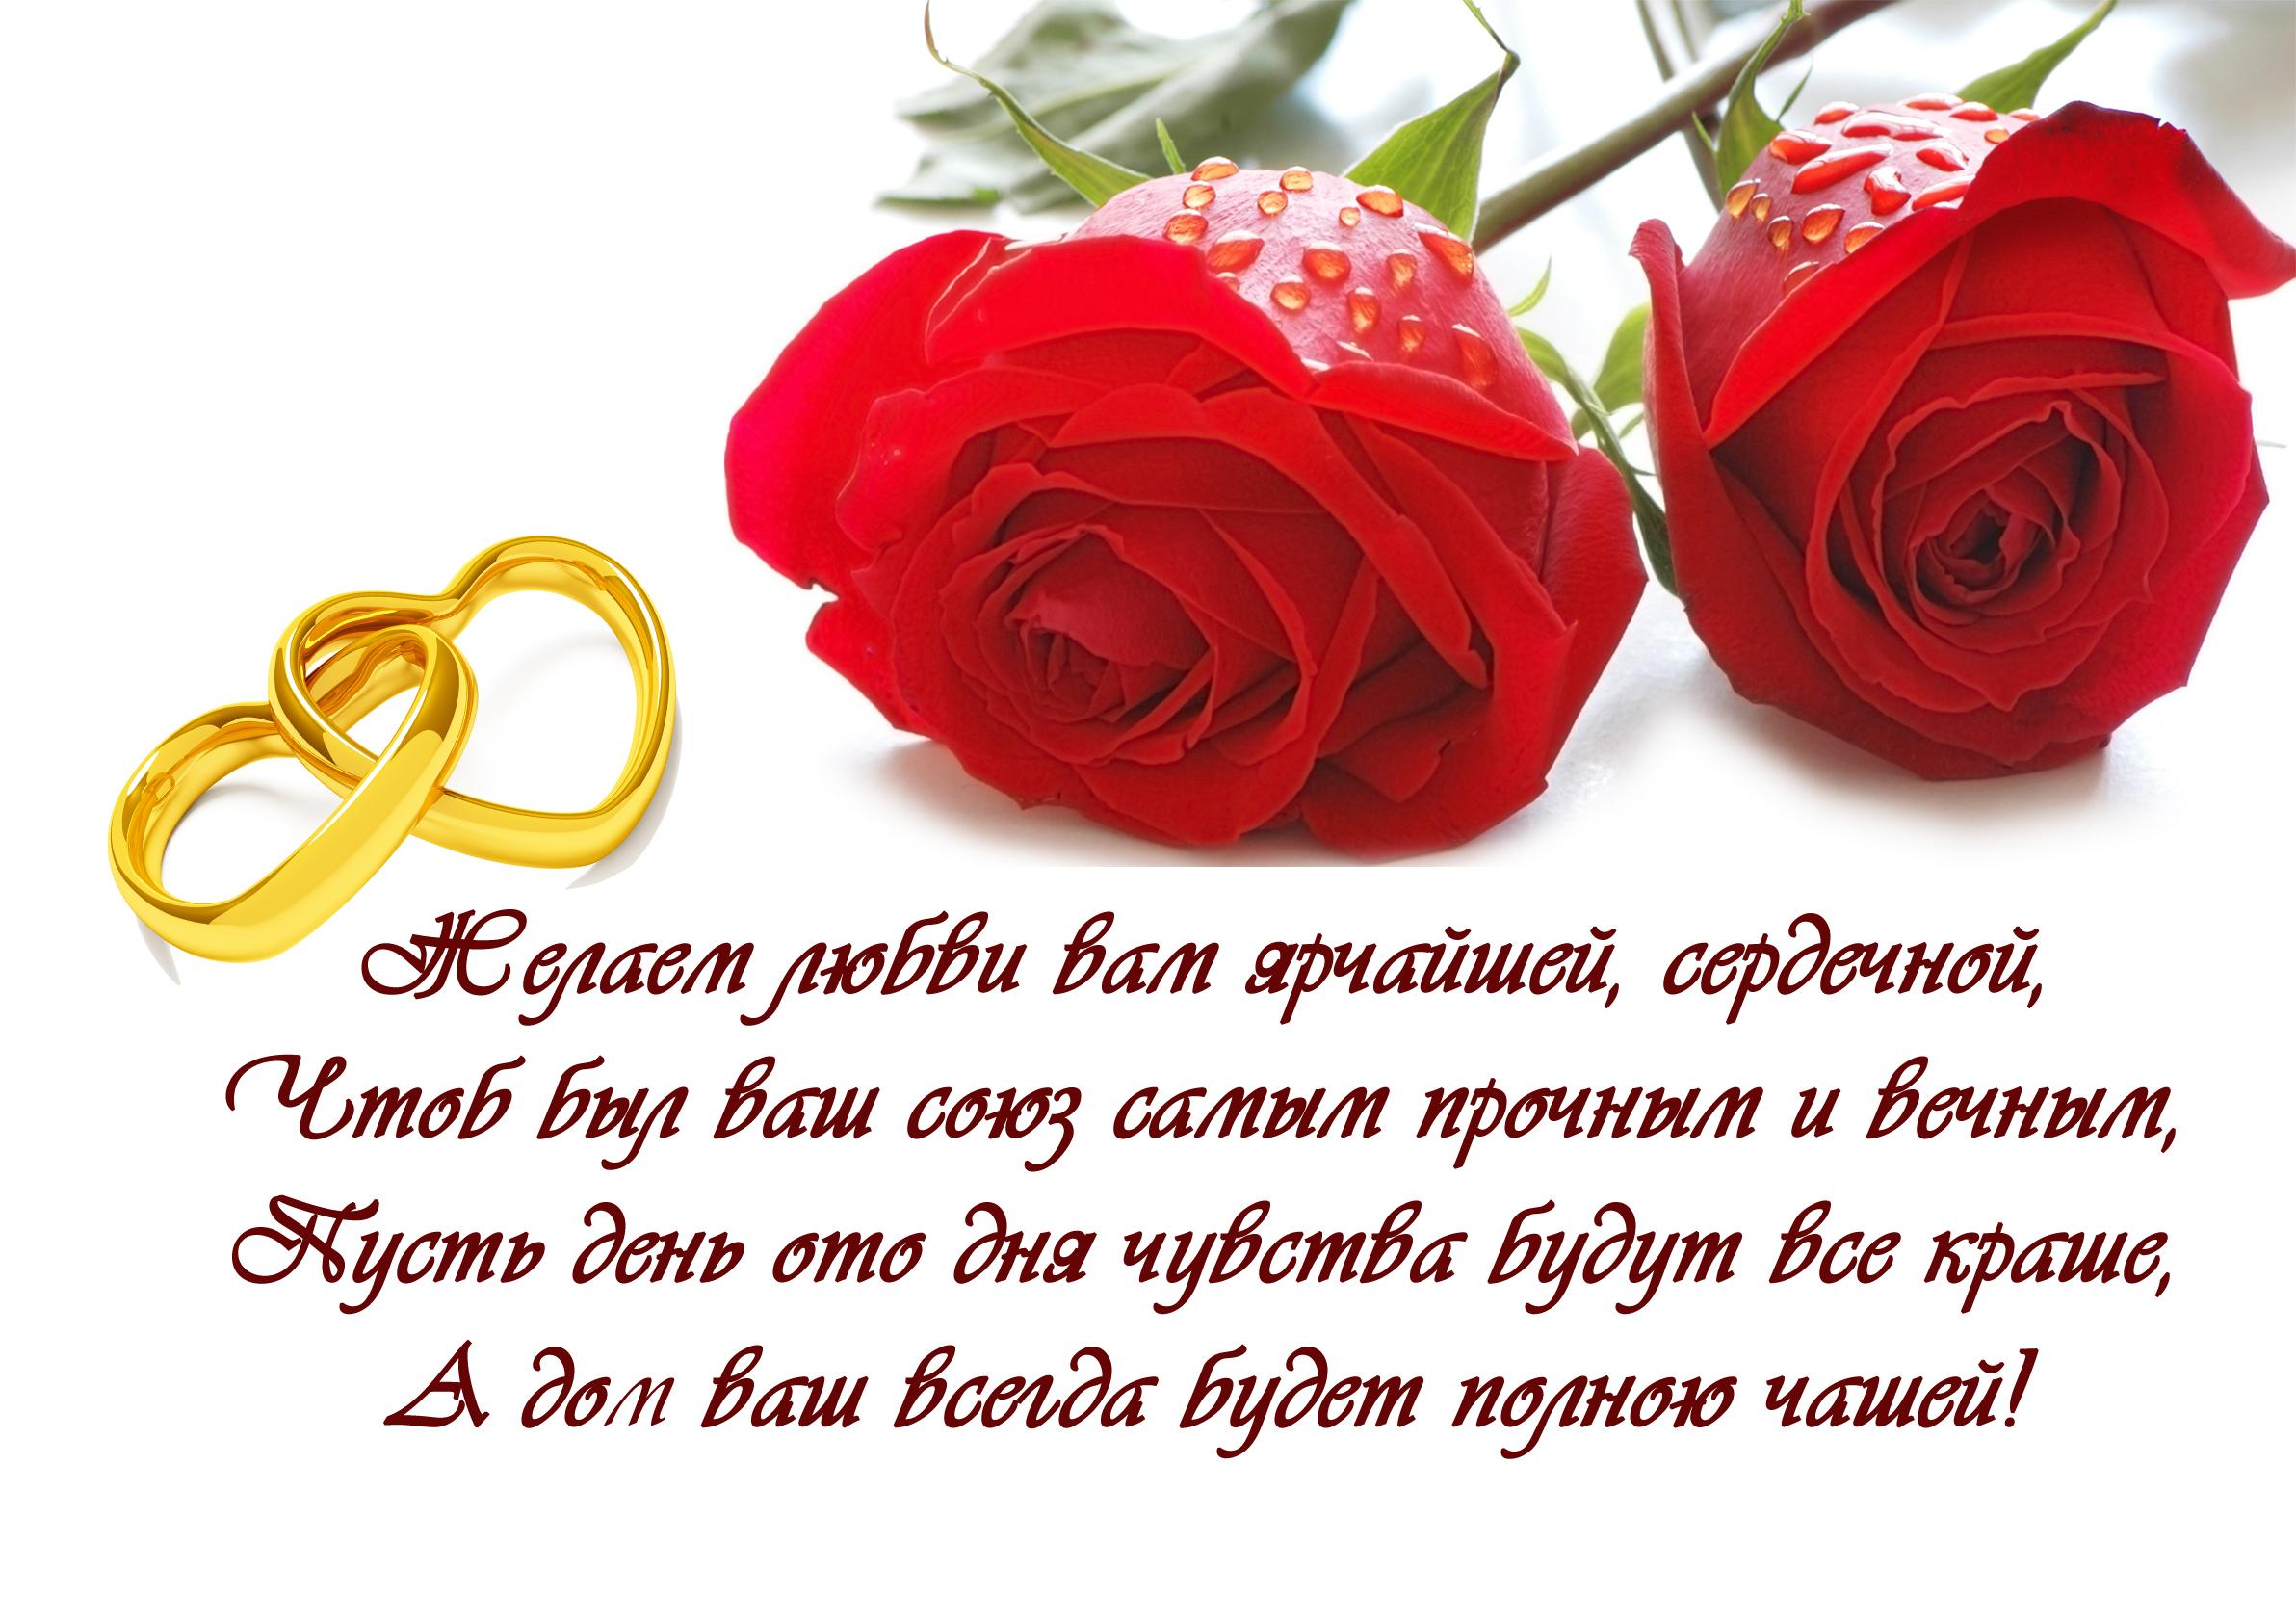 Поздравление с бракосочетанием подруге в прозе фото 303